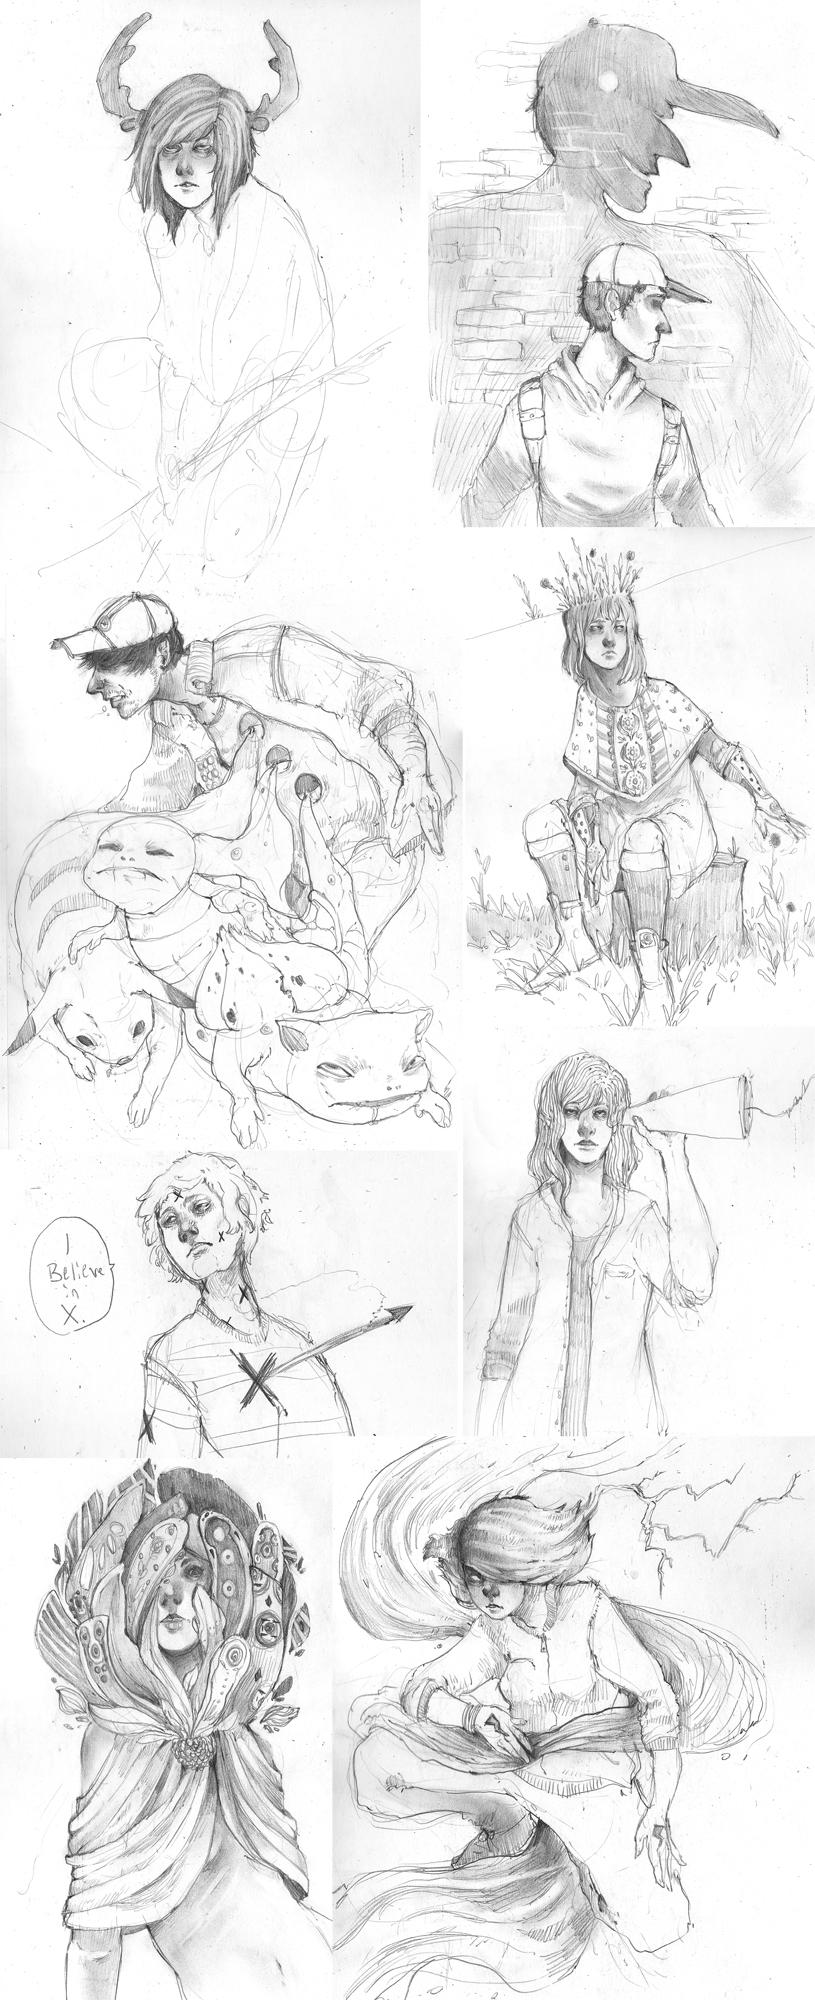 Sketchdump 15 by JMFenner91